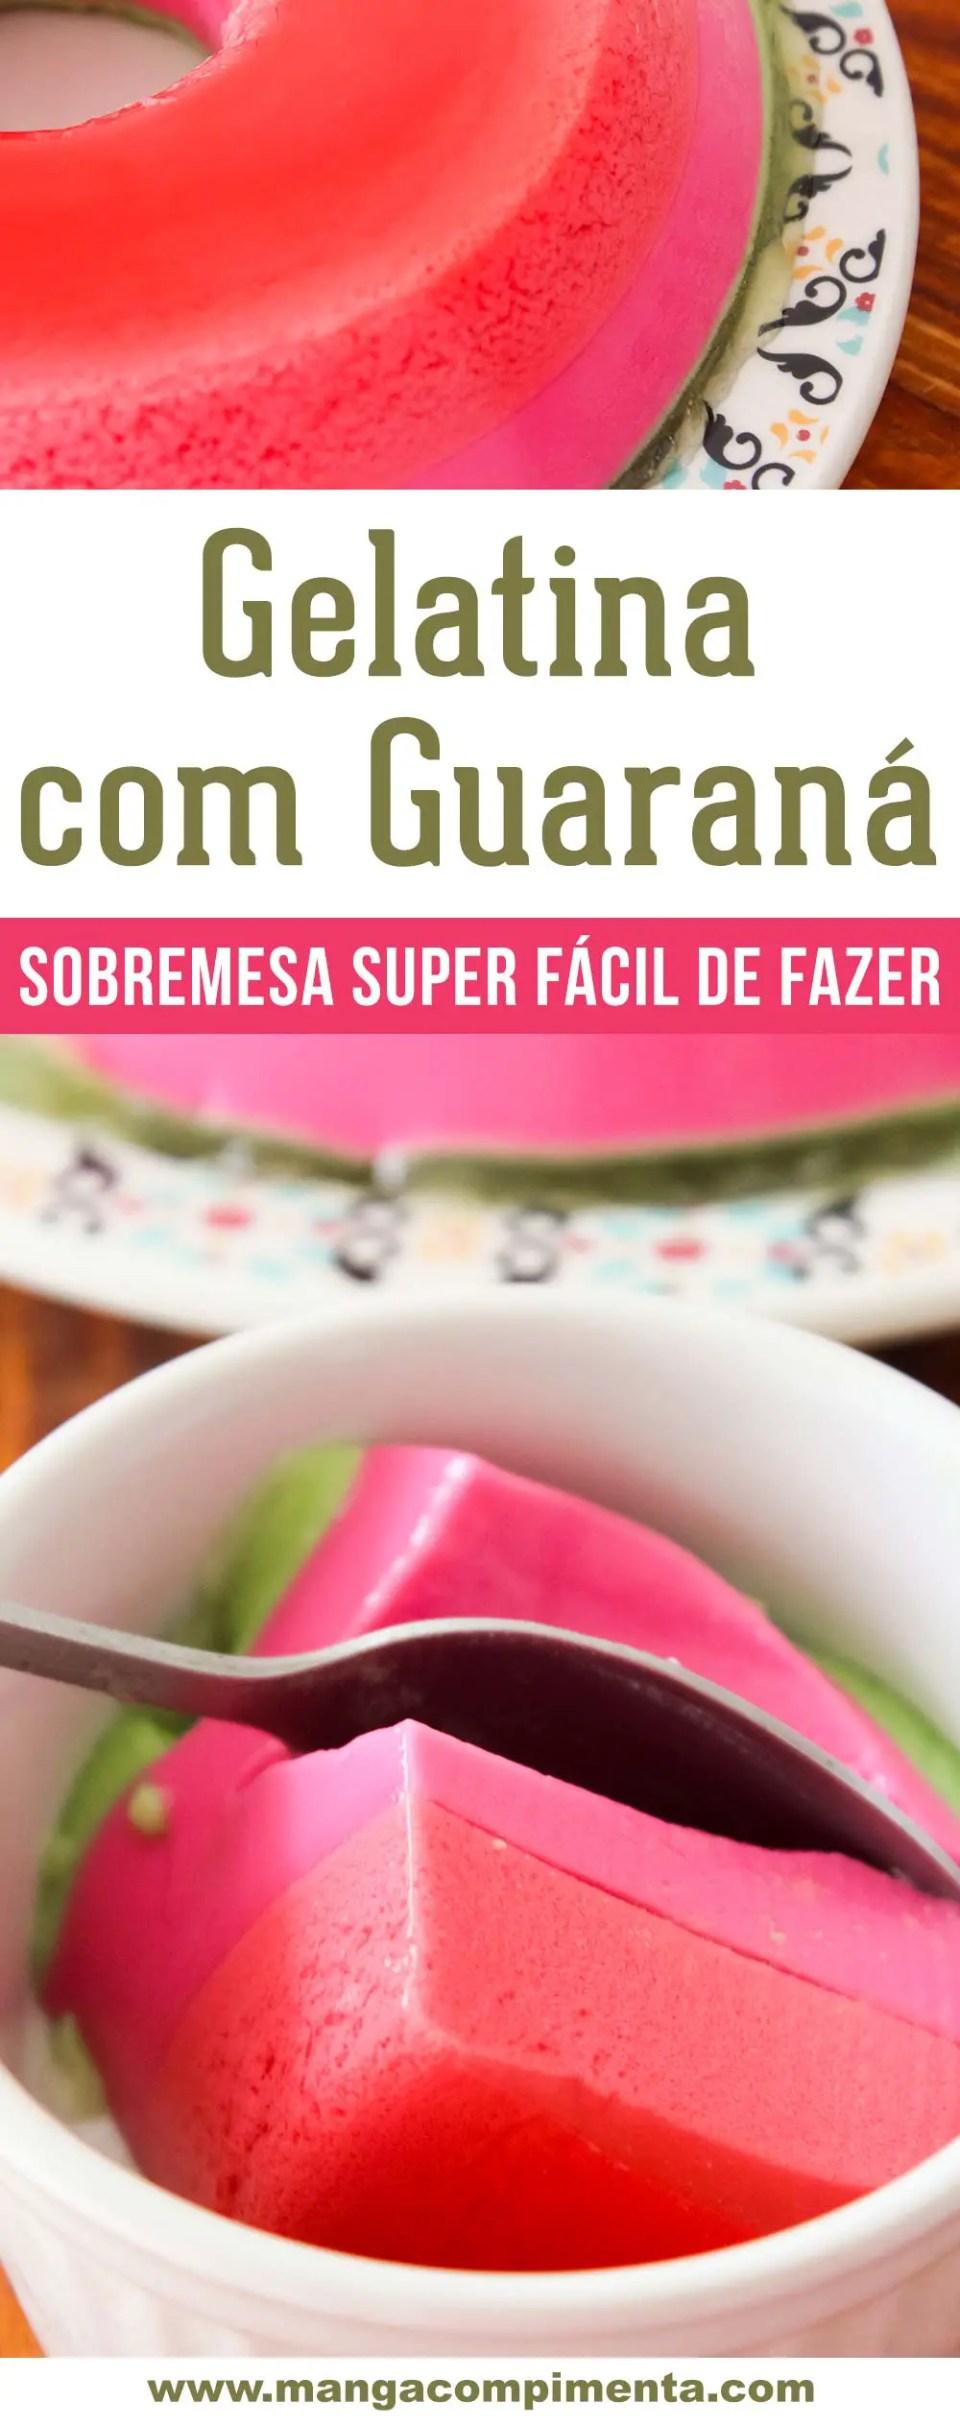 Gelatina com Guaraná - sobremesa para qualquer ocasião!